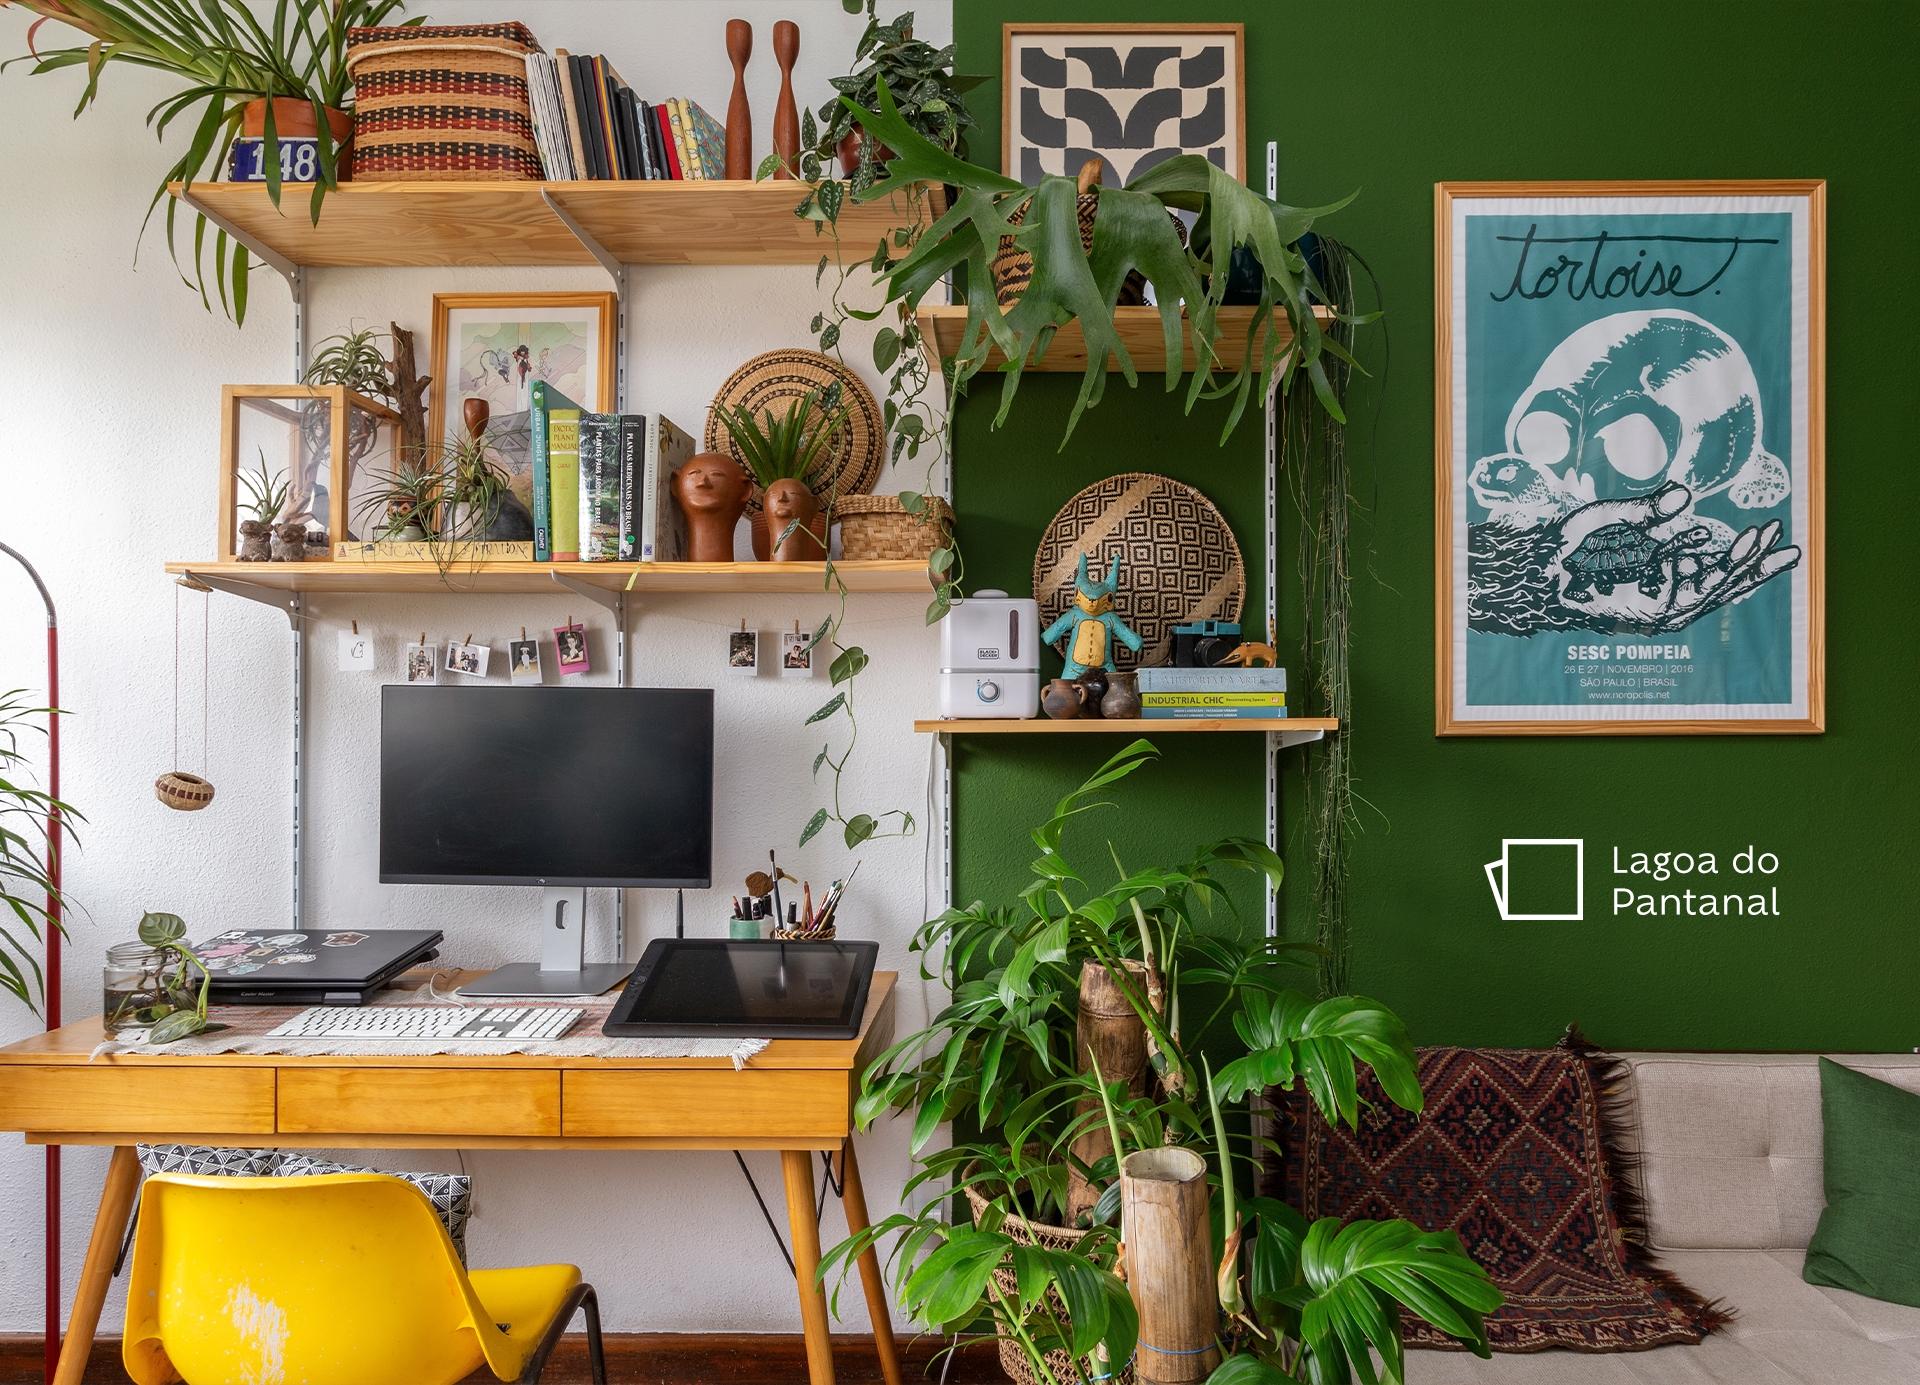 Foto tirada de frente para uma parede com prateleiras com plantas e mobiliário de decoração, e ao lado esquerdo, uma mesa com um computador e uma cadeira amarela abaixo. Ao lado direito, um quadro pendurado na parede fazendo uma brincadeira com uma tartaruga e um crânio e, abaixo, um sofá com manta e almofada. Ao fundo, a parede está dividida ao meio verticalmente, ao lado esquerdo a cor é Branca e ao lado direito, temos a cor Plantação de Hortaliças, com o ícone de cor entre o quadro e o sofá.